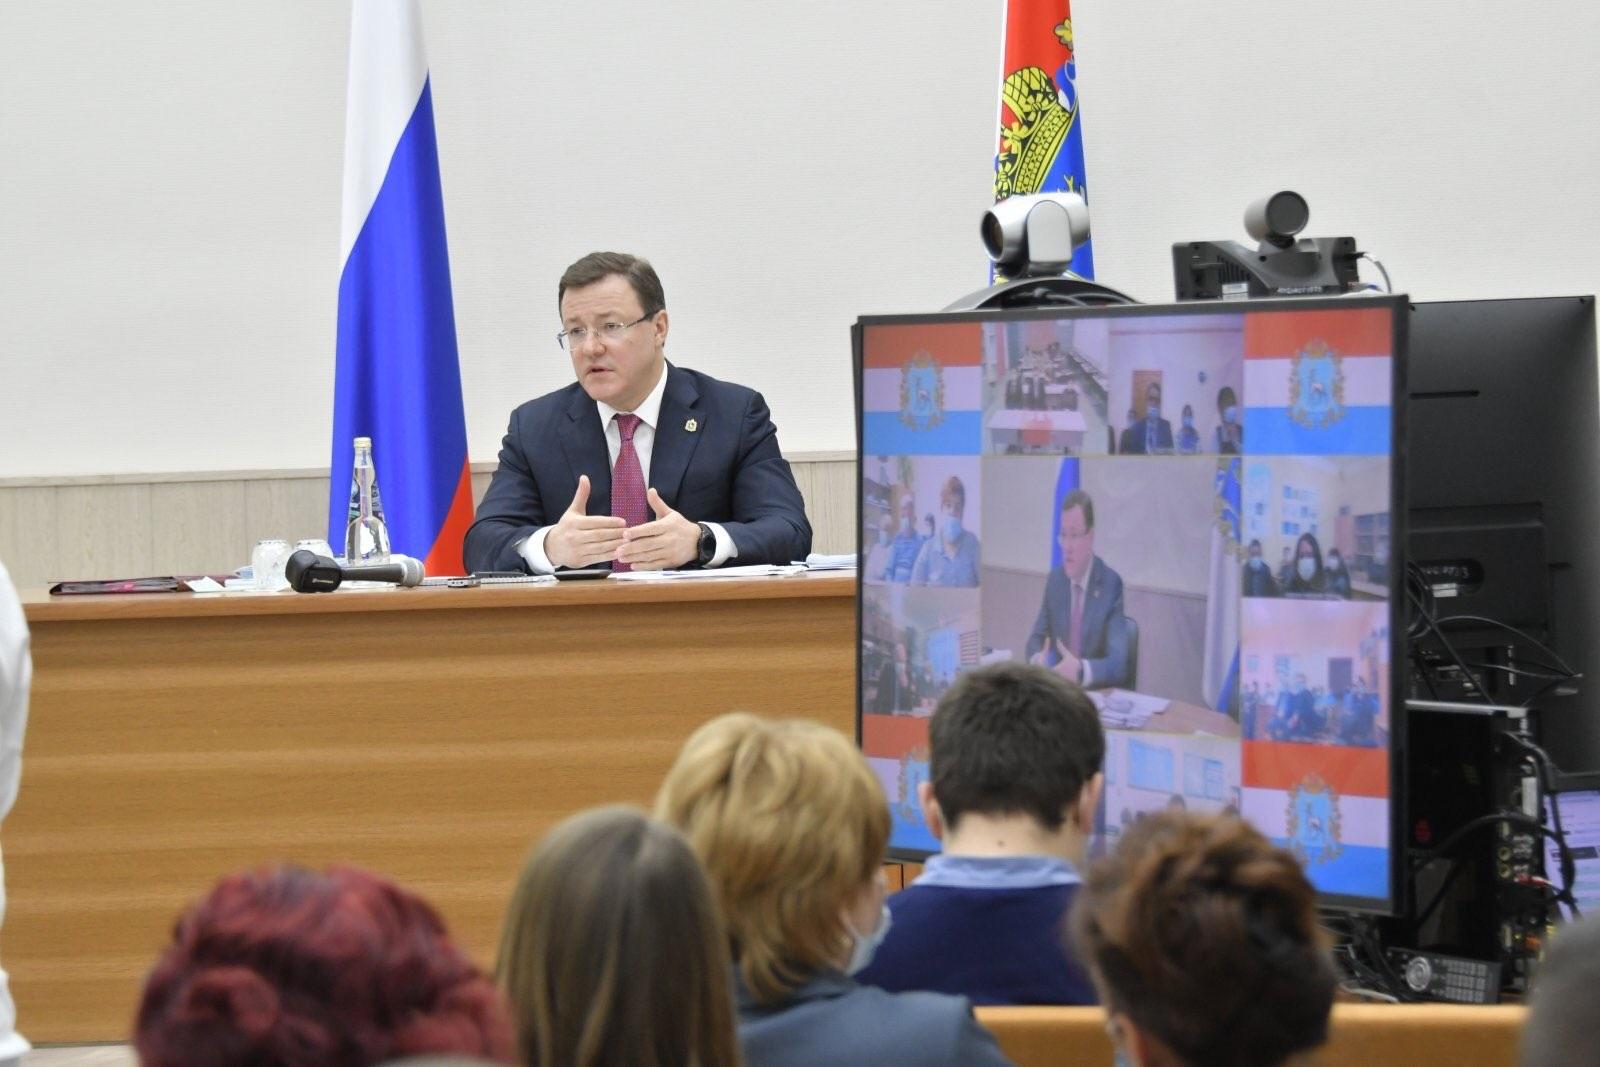 Дмитрий Азаров сделает заседания комиссии по лицензированию УК доступными для СМИ и граждан